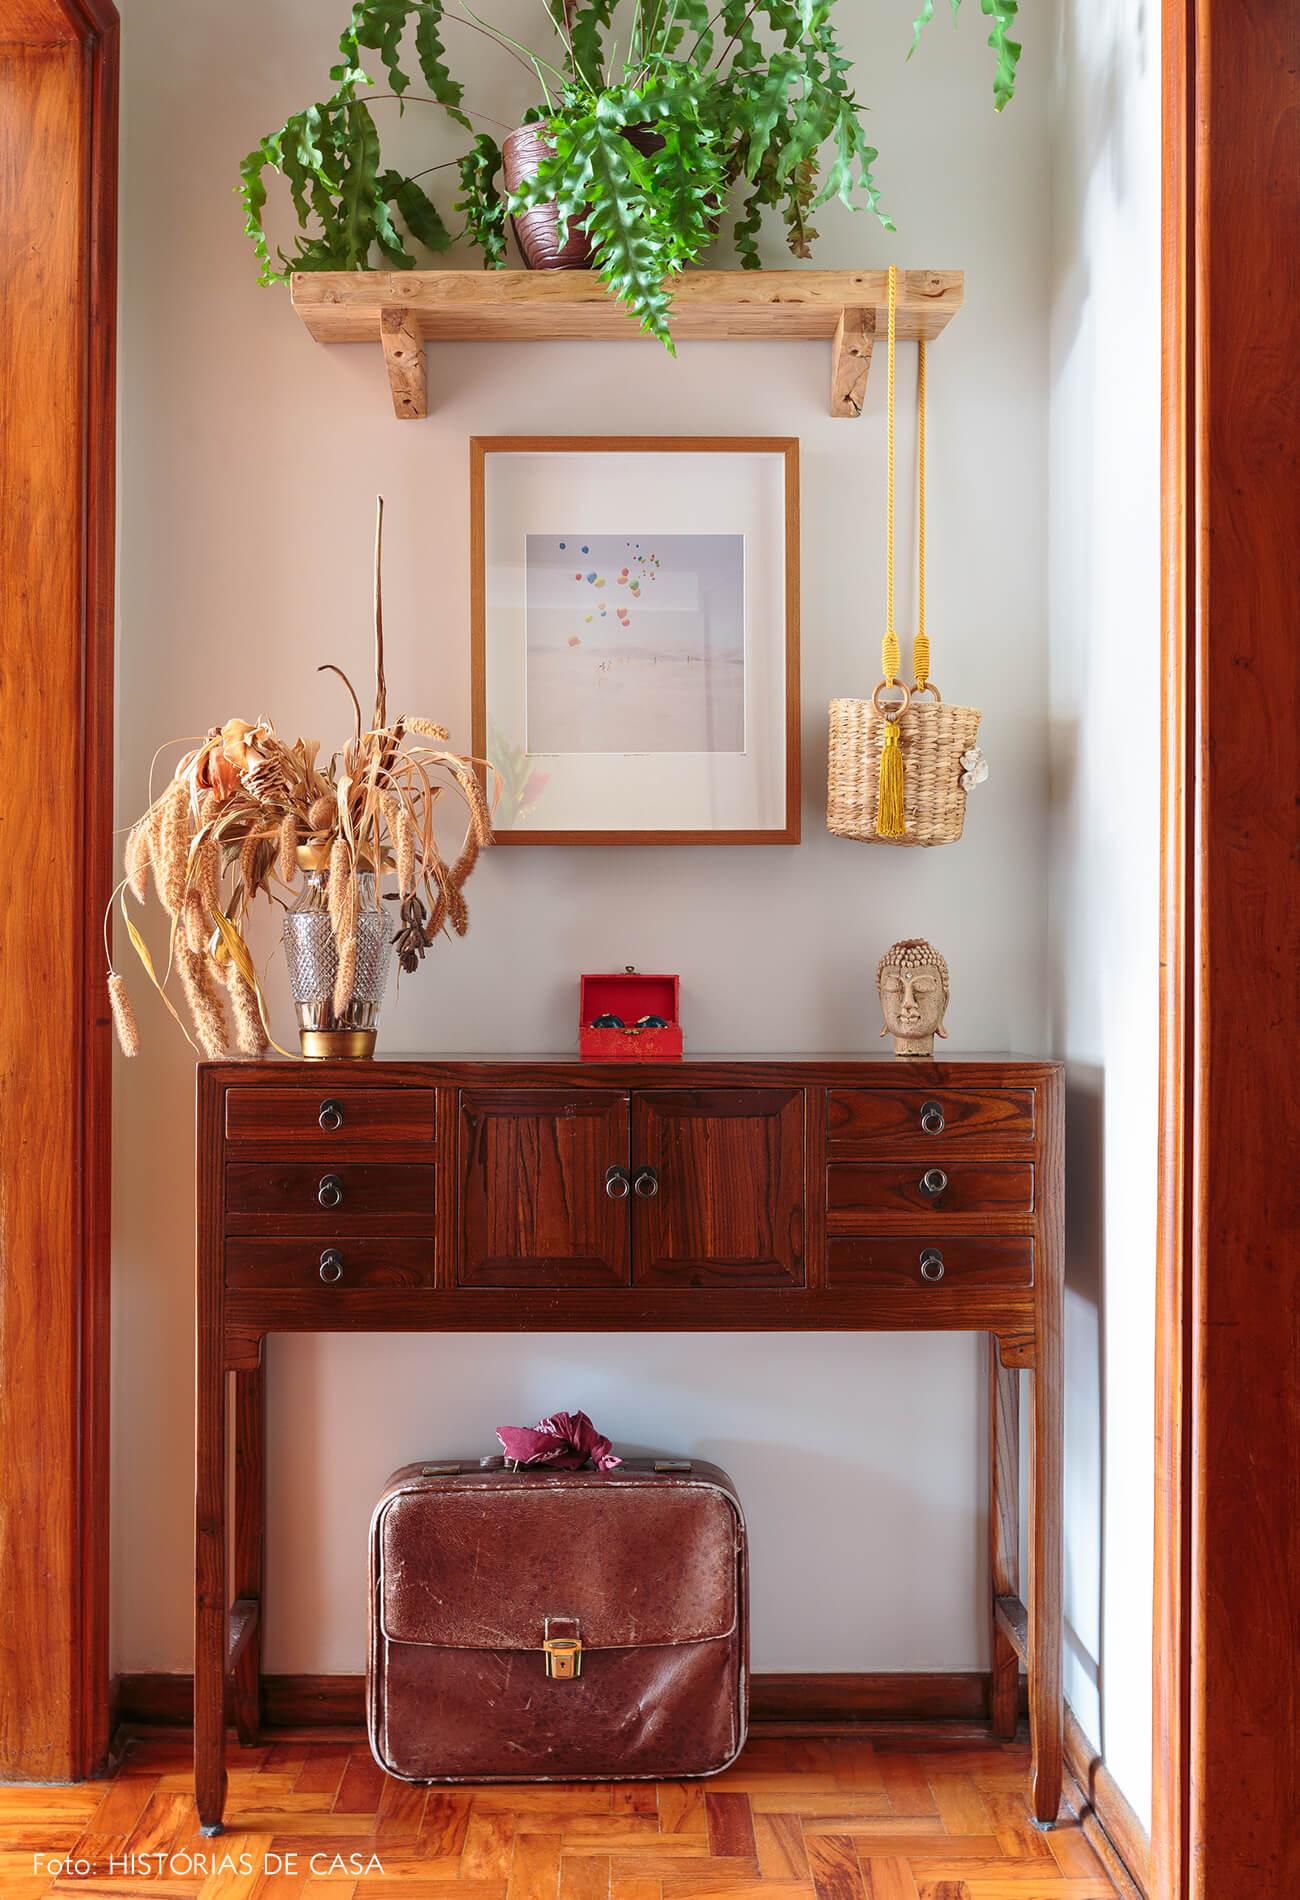 decoração corredor com aparador de madera e cesto de palha